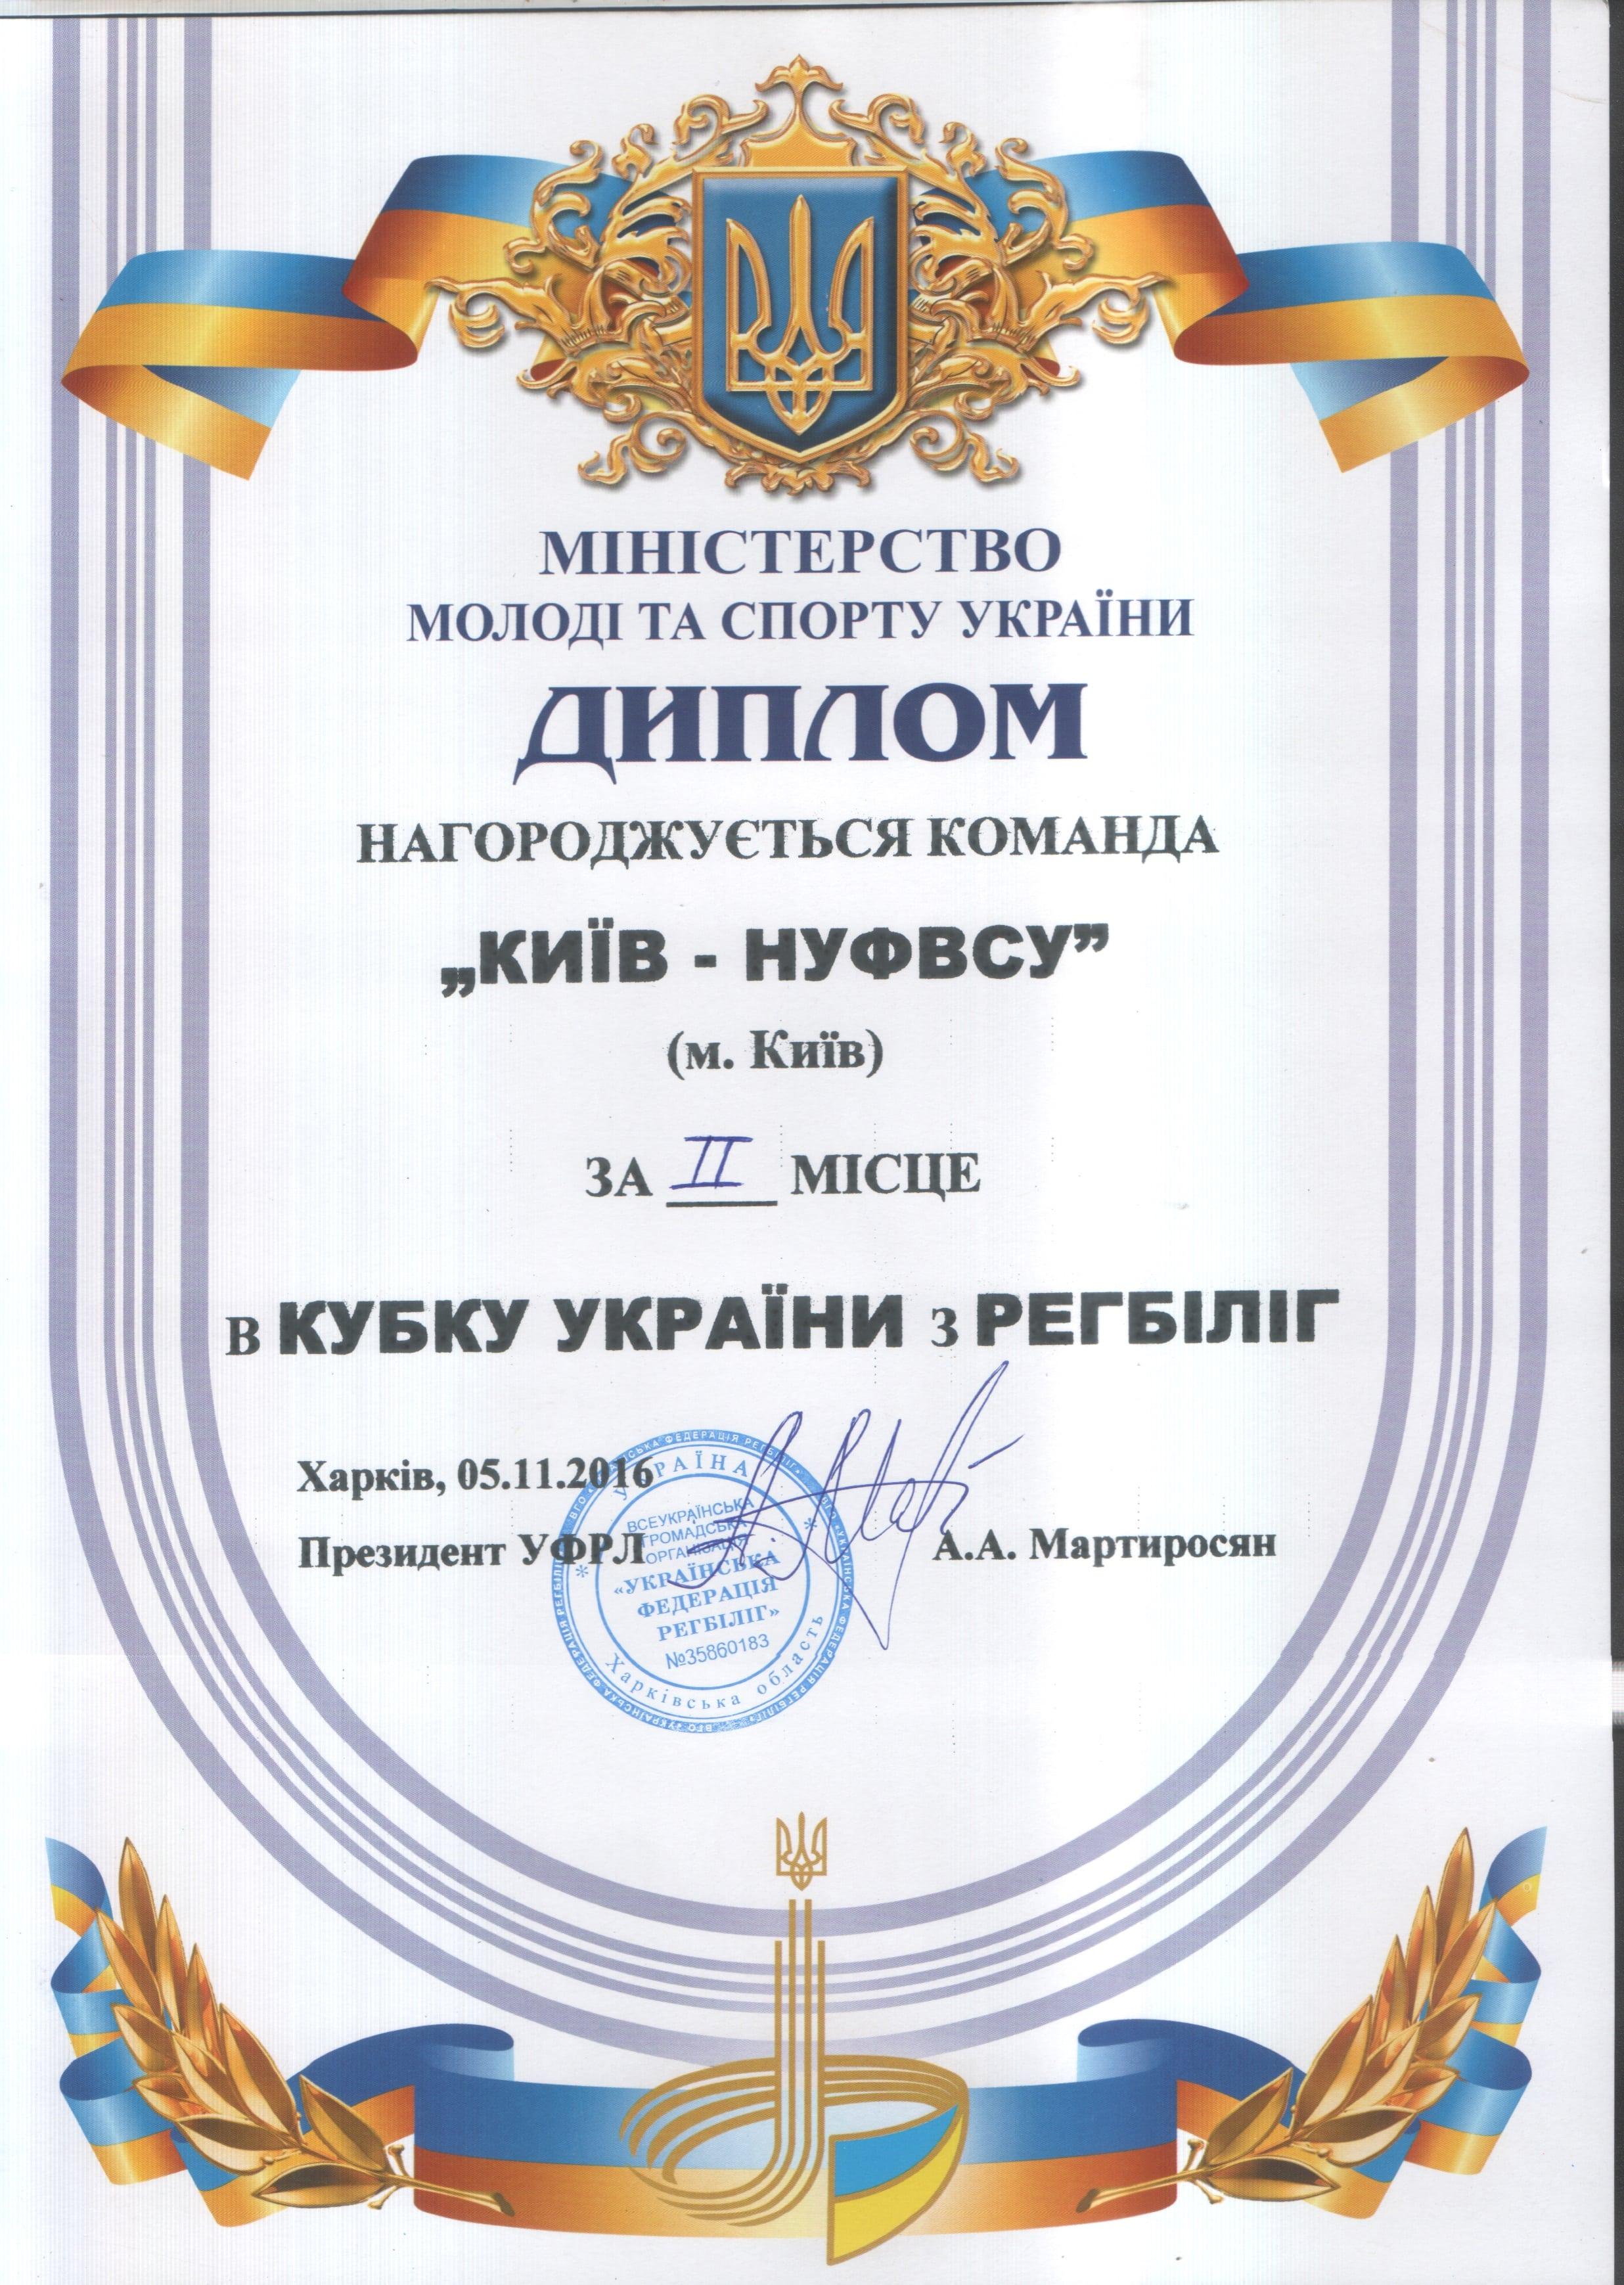 Вітаємо срібних призерів кубку України з регбіліг